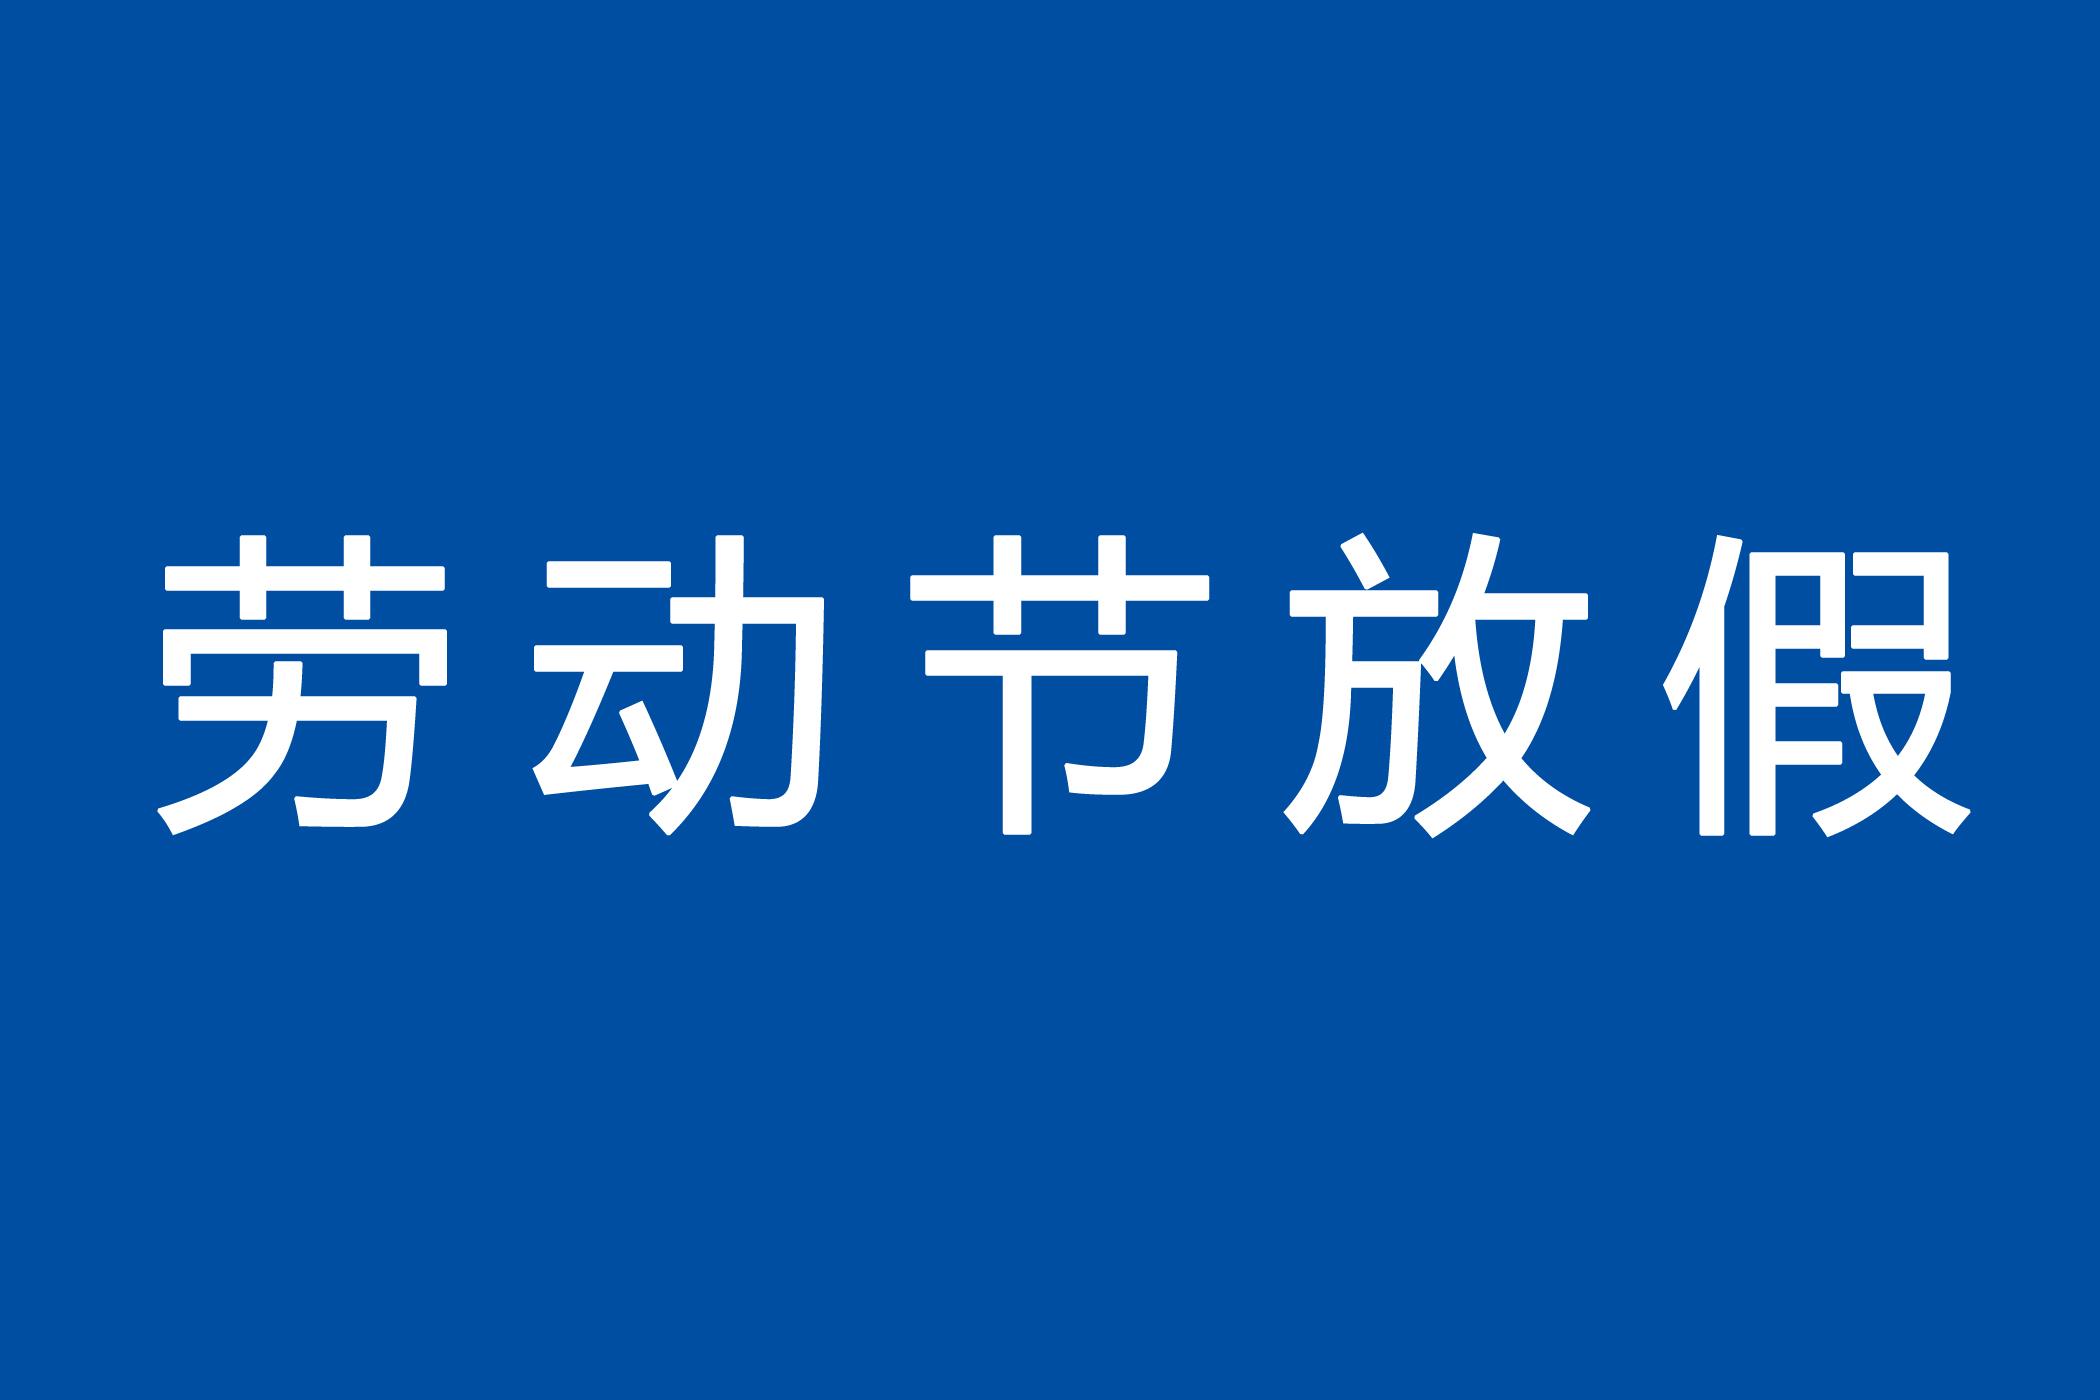 2019年劳动节放假休市安排通知